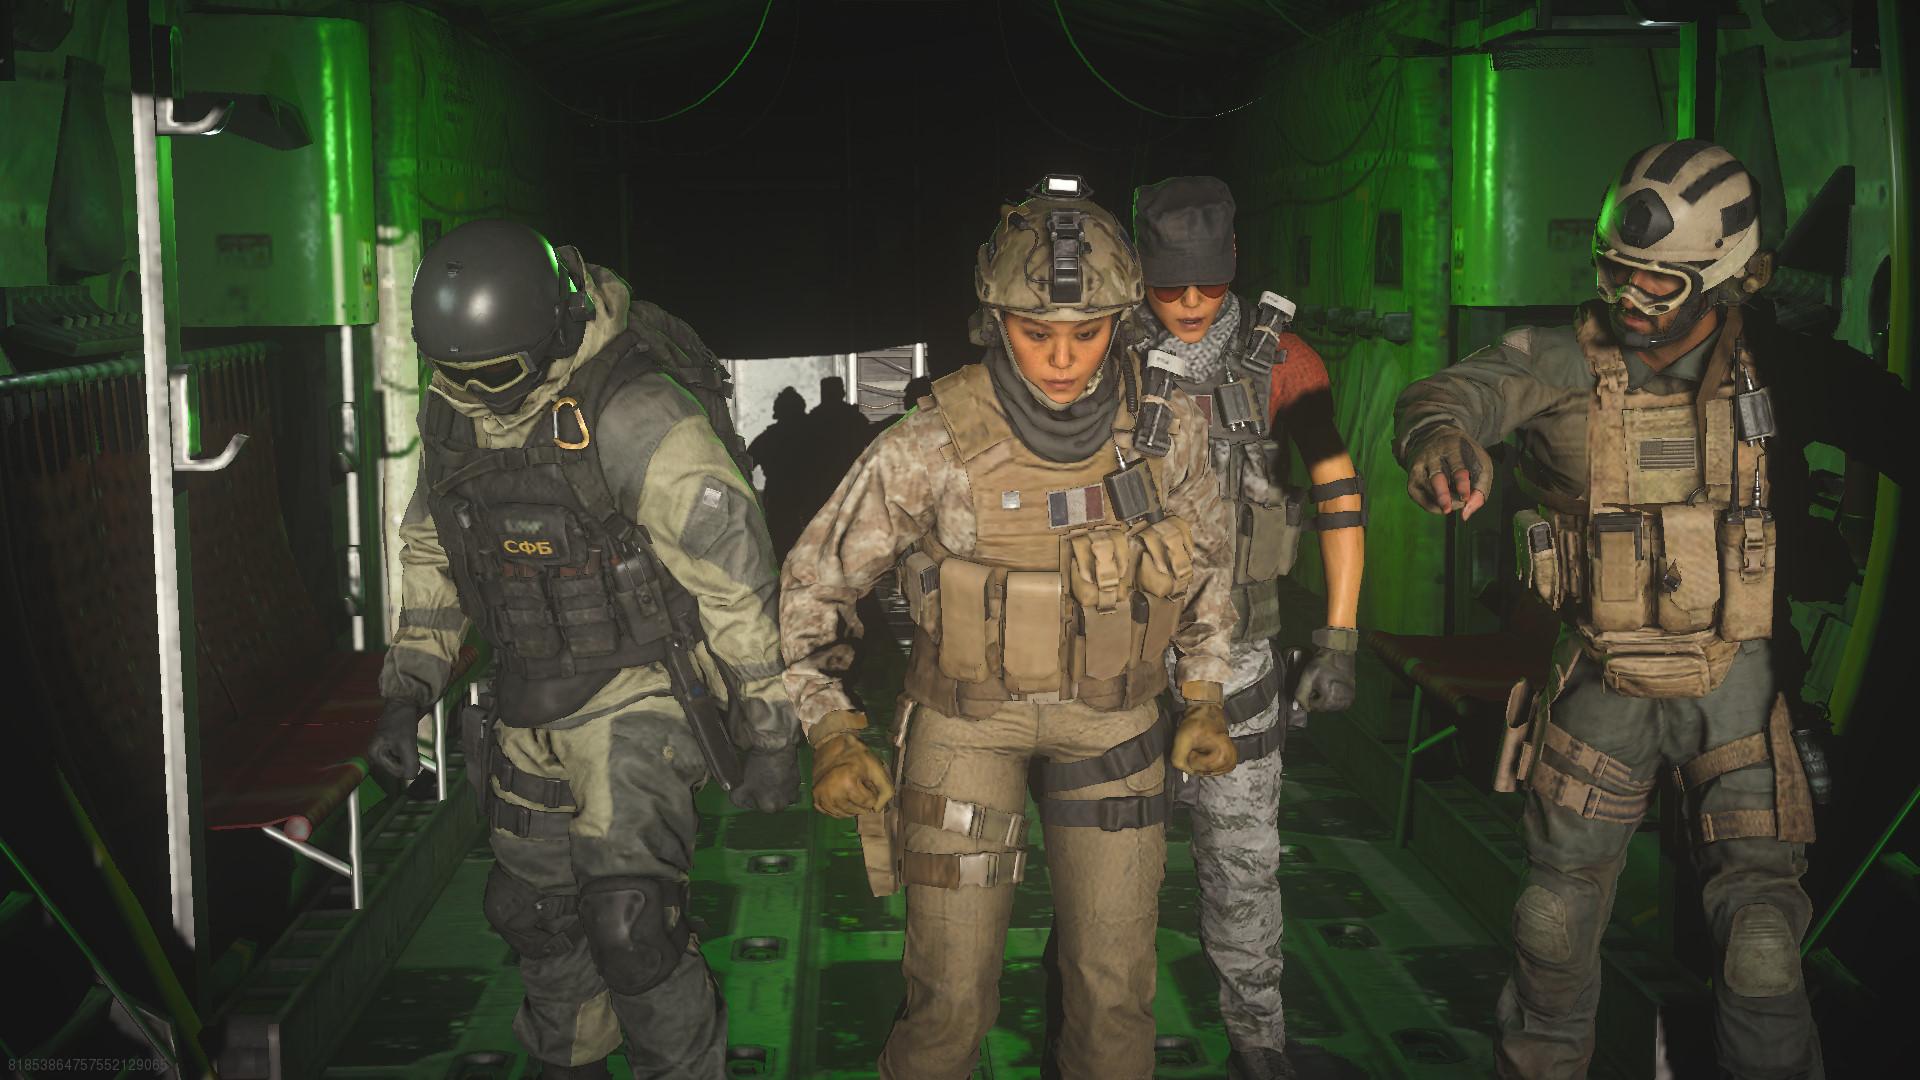 《使命召唤:战区》评测:顶级IP能否挽救大逃杀